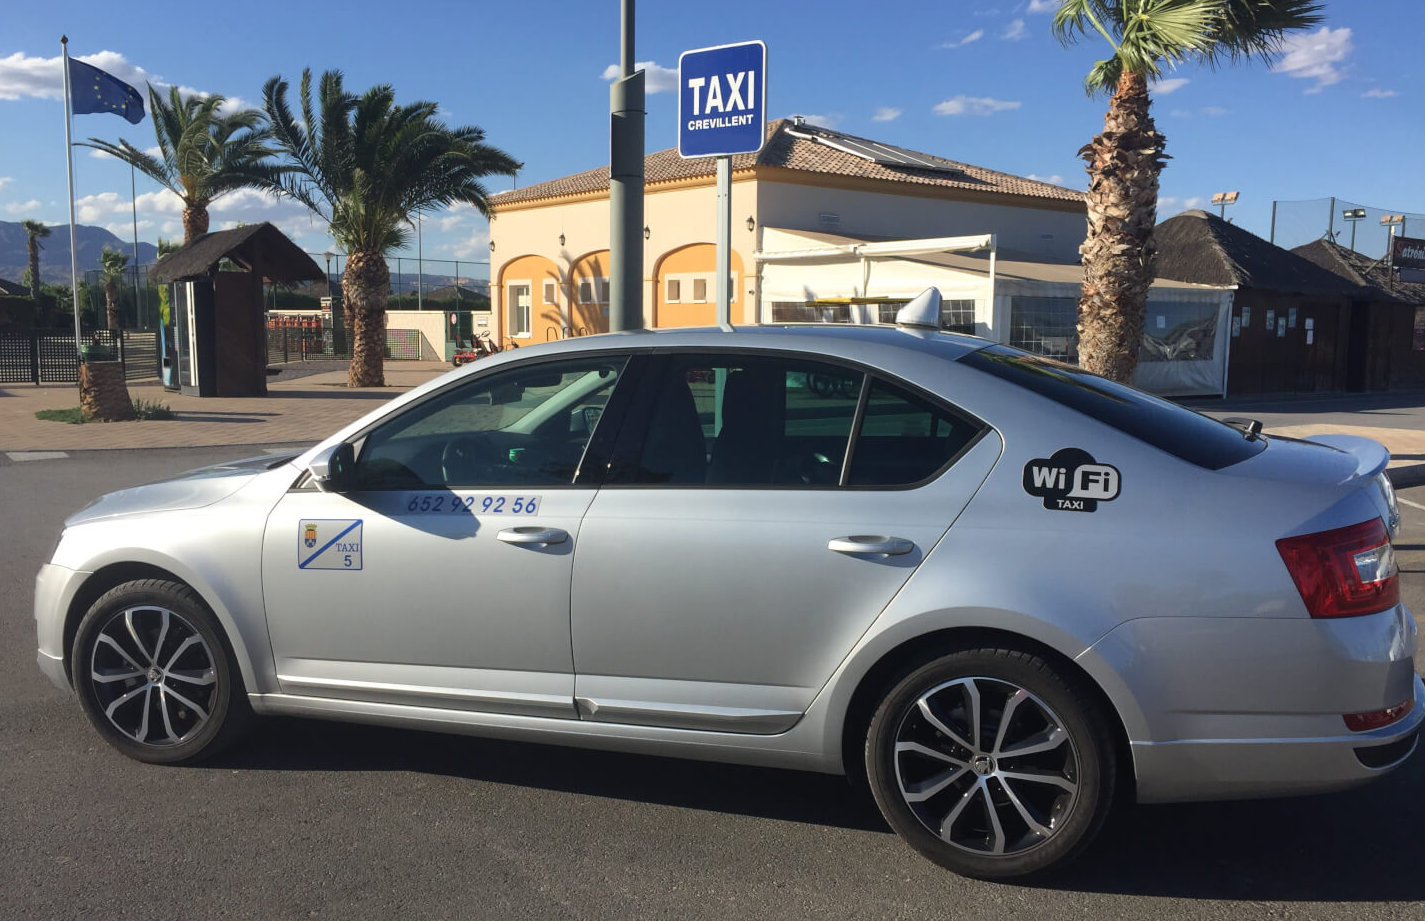 Recibe el mejor servicio de Taxi Crevillente, cómodo, seguro y rápido.